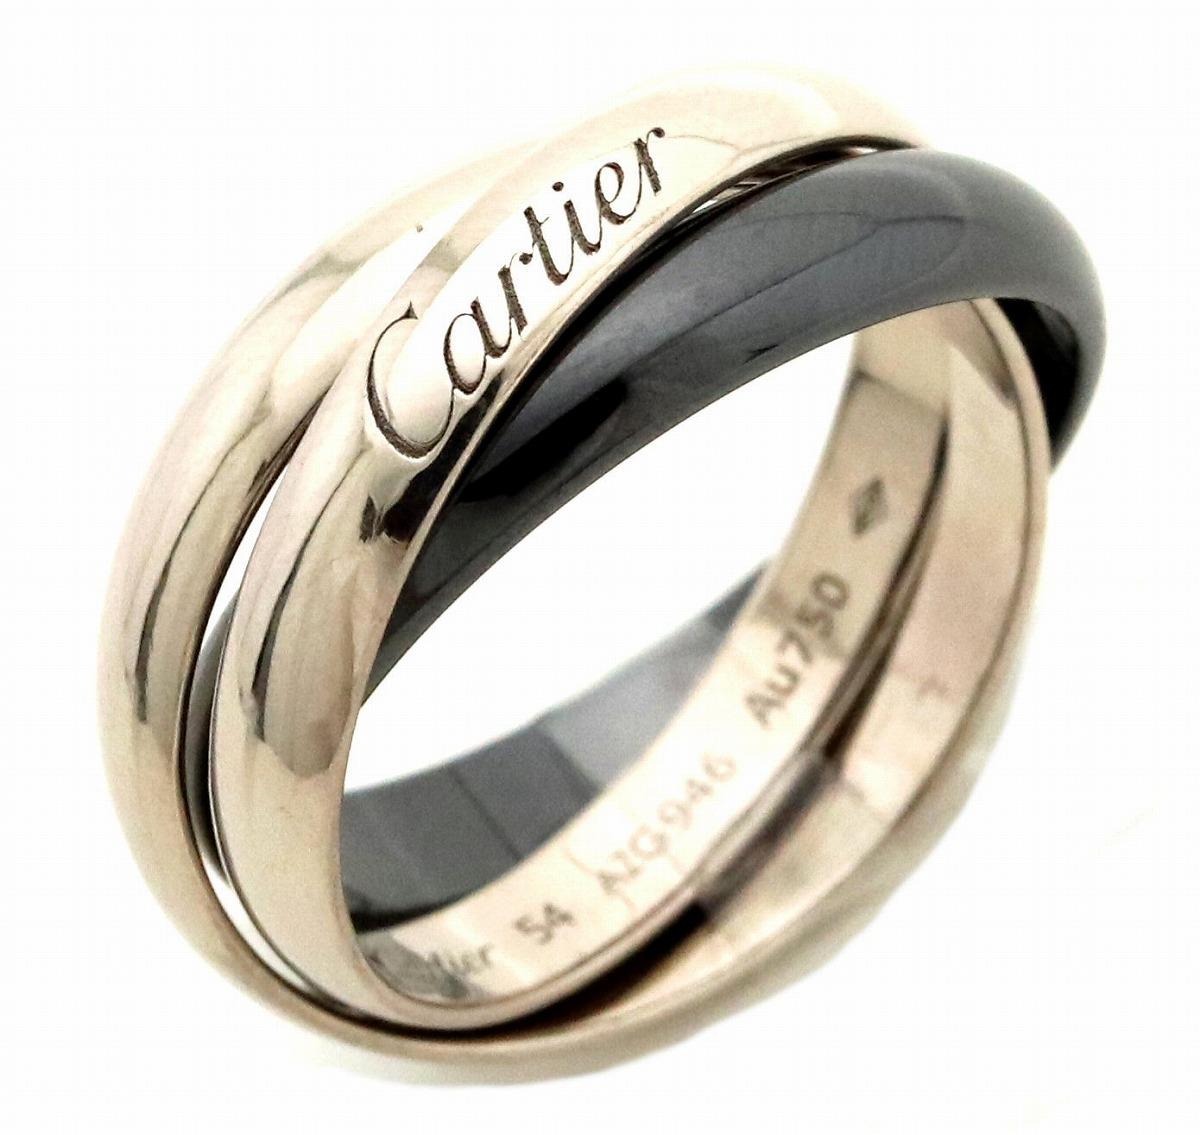 【ジュエリー】【新品仕上げ済】Cartier カルティエ トリニティ ドゥ カルティエ リング クラシックセラミック K18WG ホワイトゴールド セラミック #54 14号 【中古】